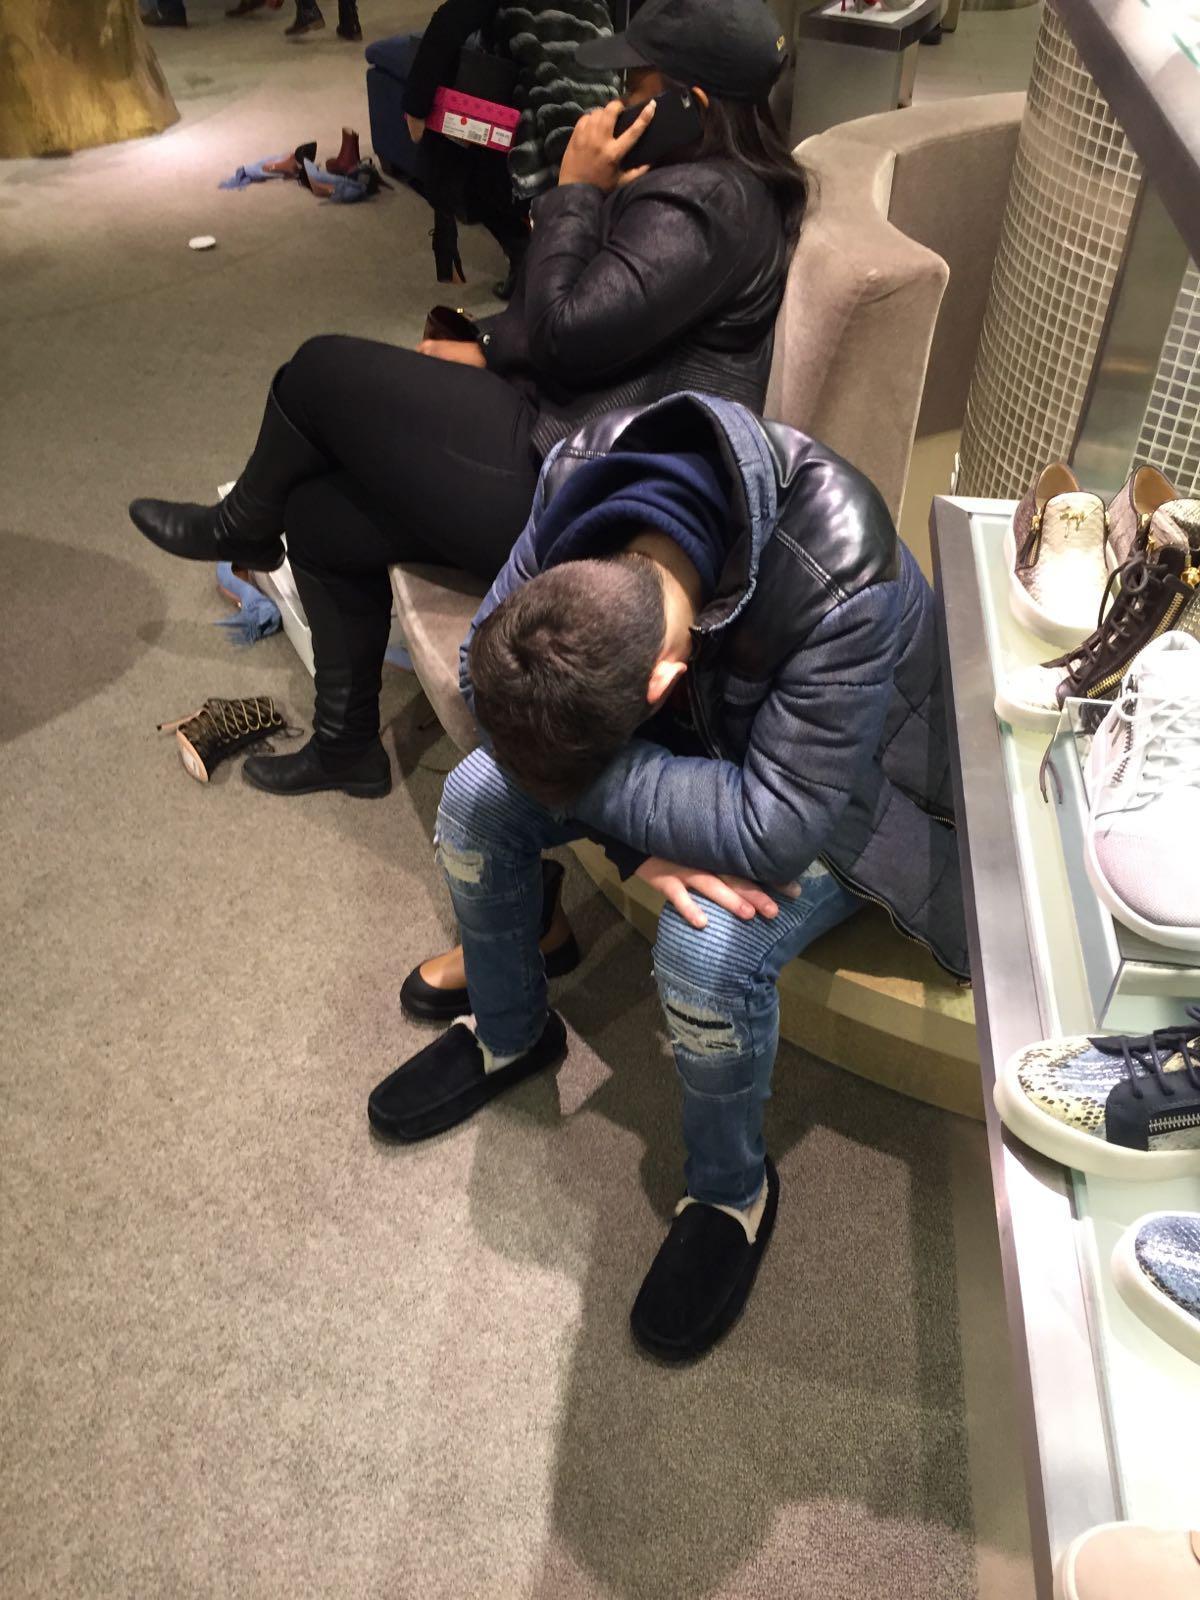 Ende, aus: Dieser junge Mann hat offensichtlich schon einiges an Einkaufsirrsinn erlebt. Mitten im Luxuskaufhaus Saks hält er ein kleines Nickerchen ab.